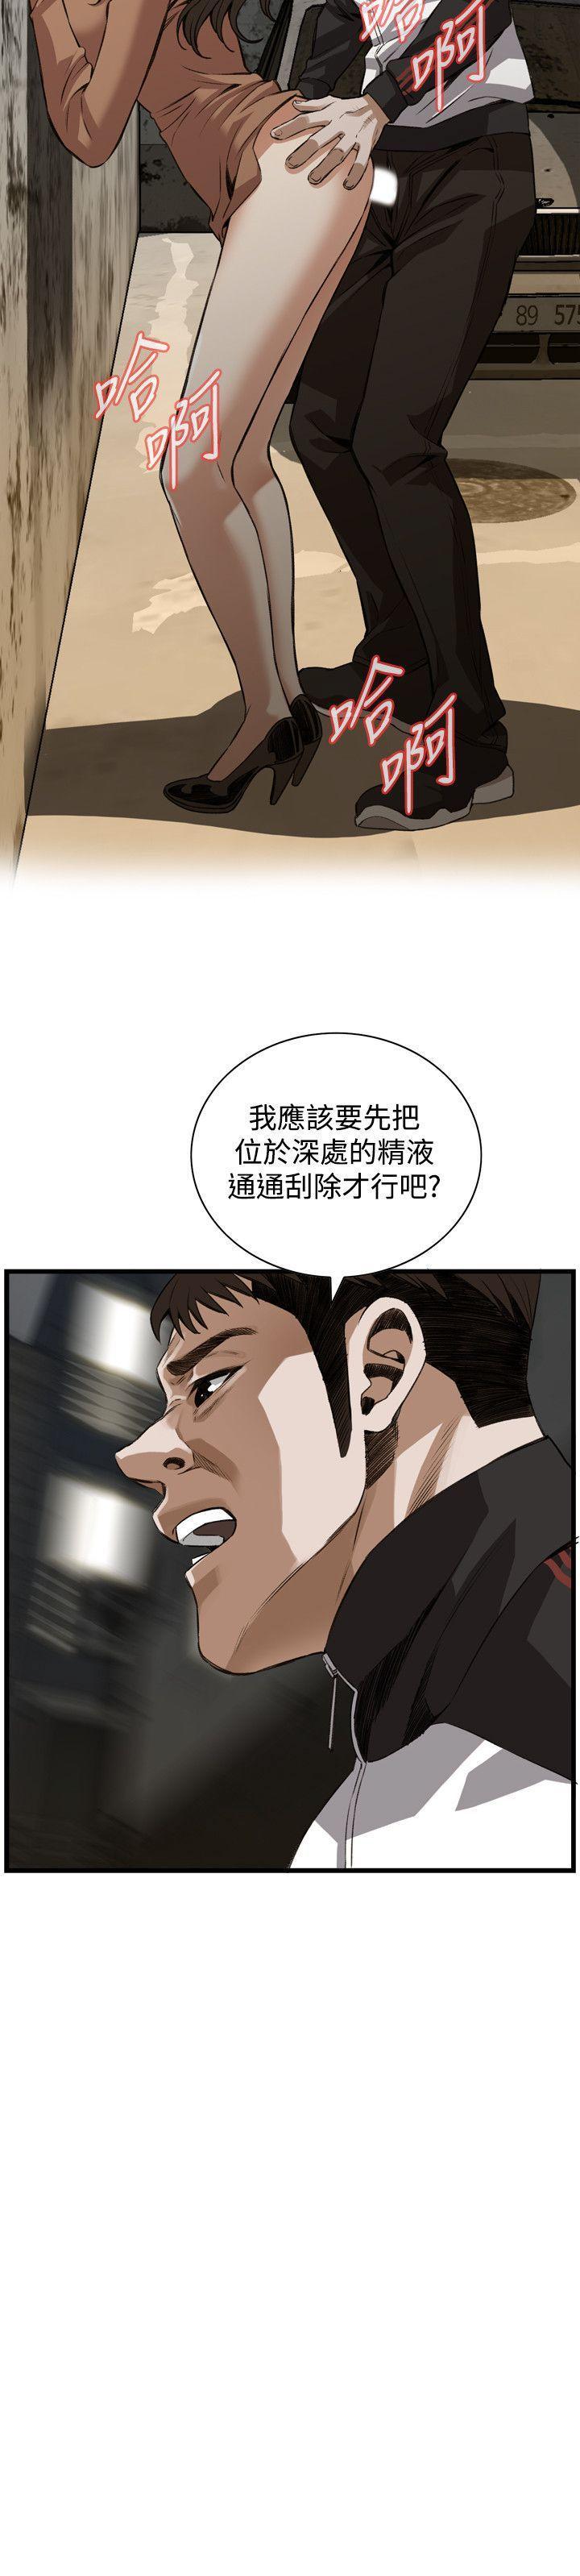 偷窥72-93 Chinese Rsiky 382